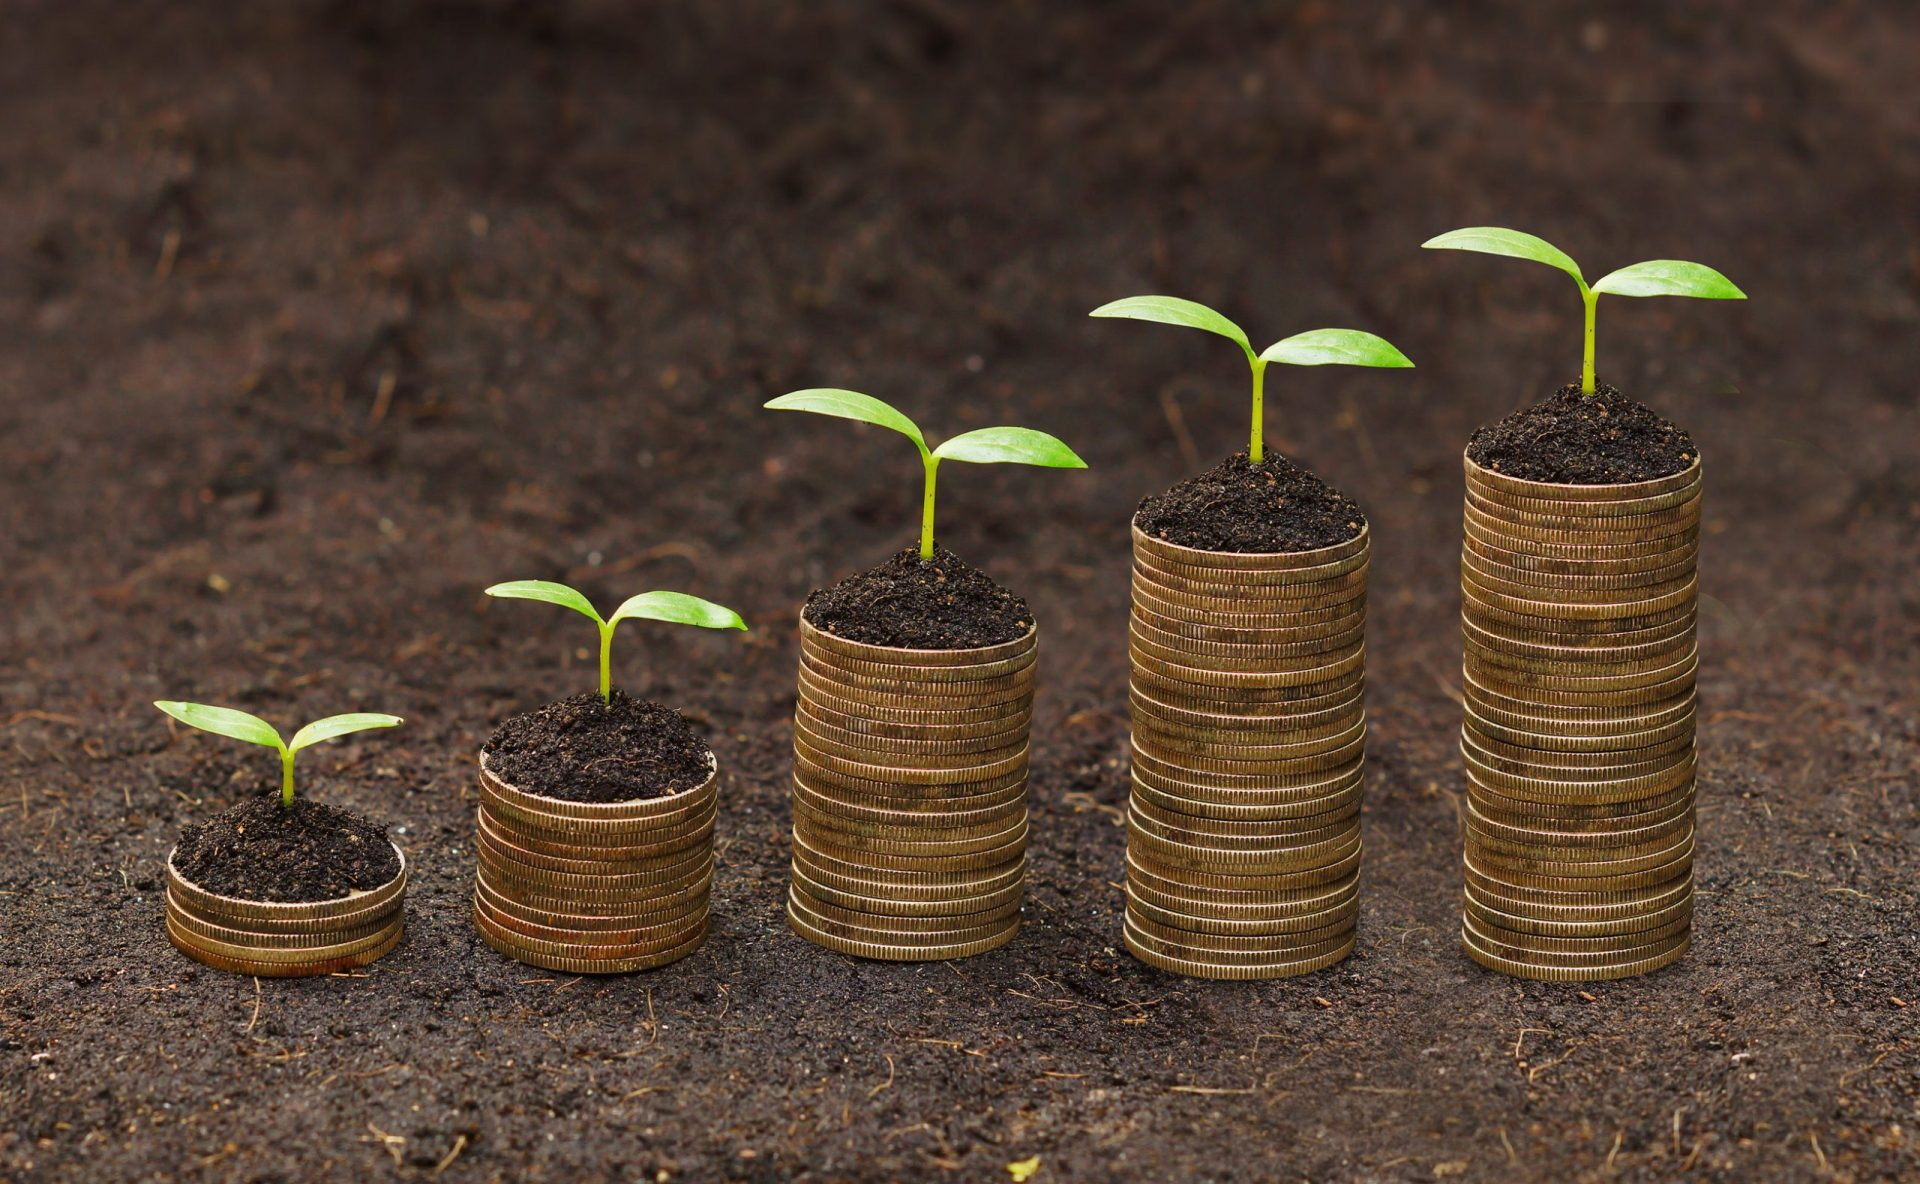 El crecimiento sostenible en Europa